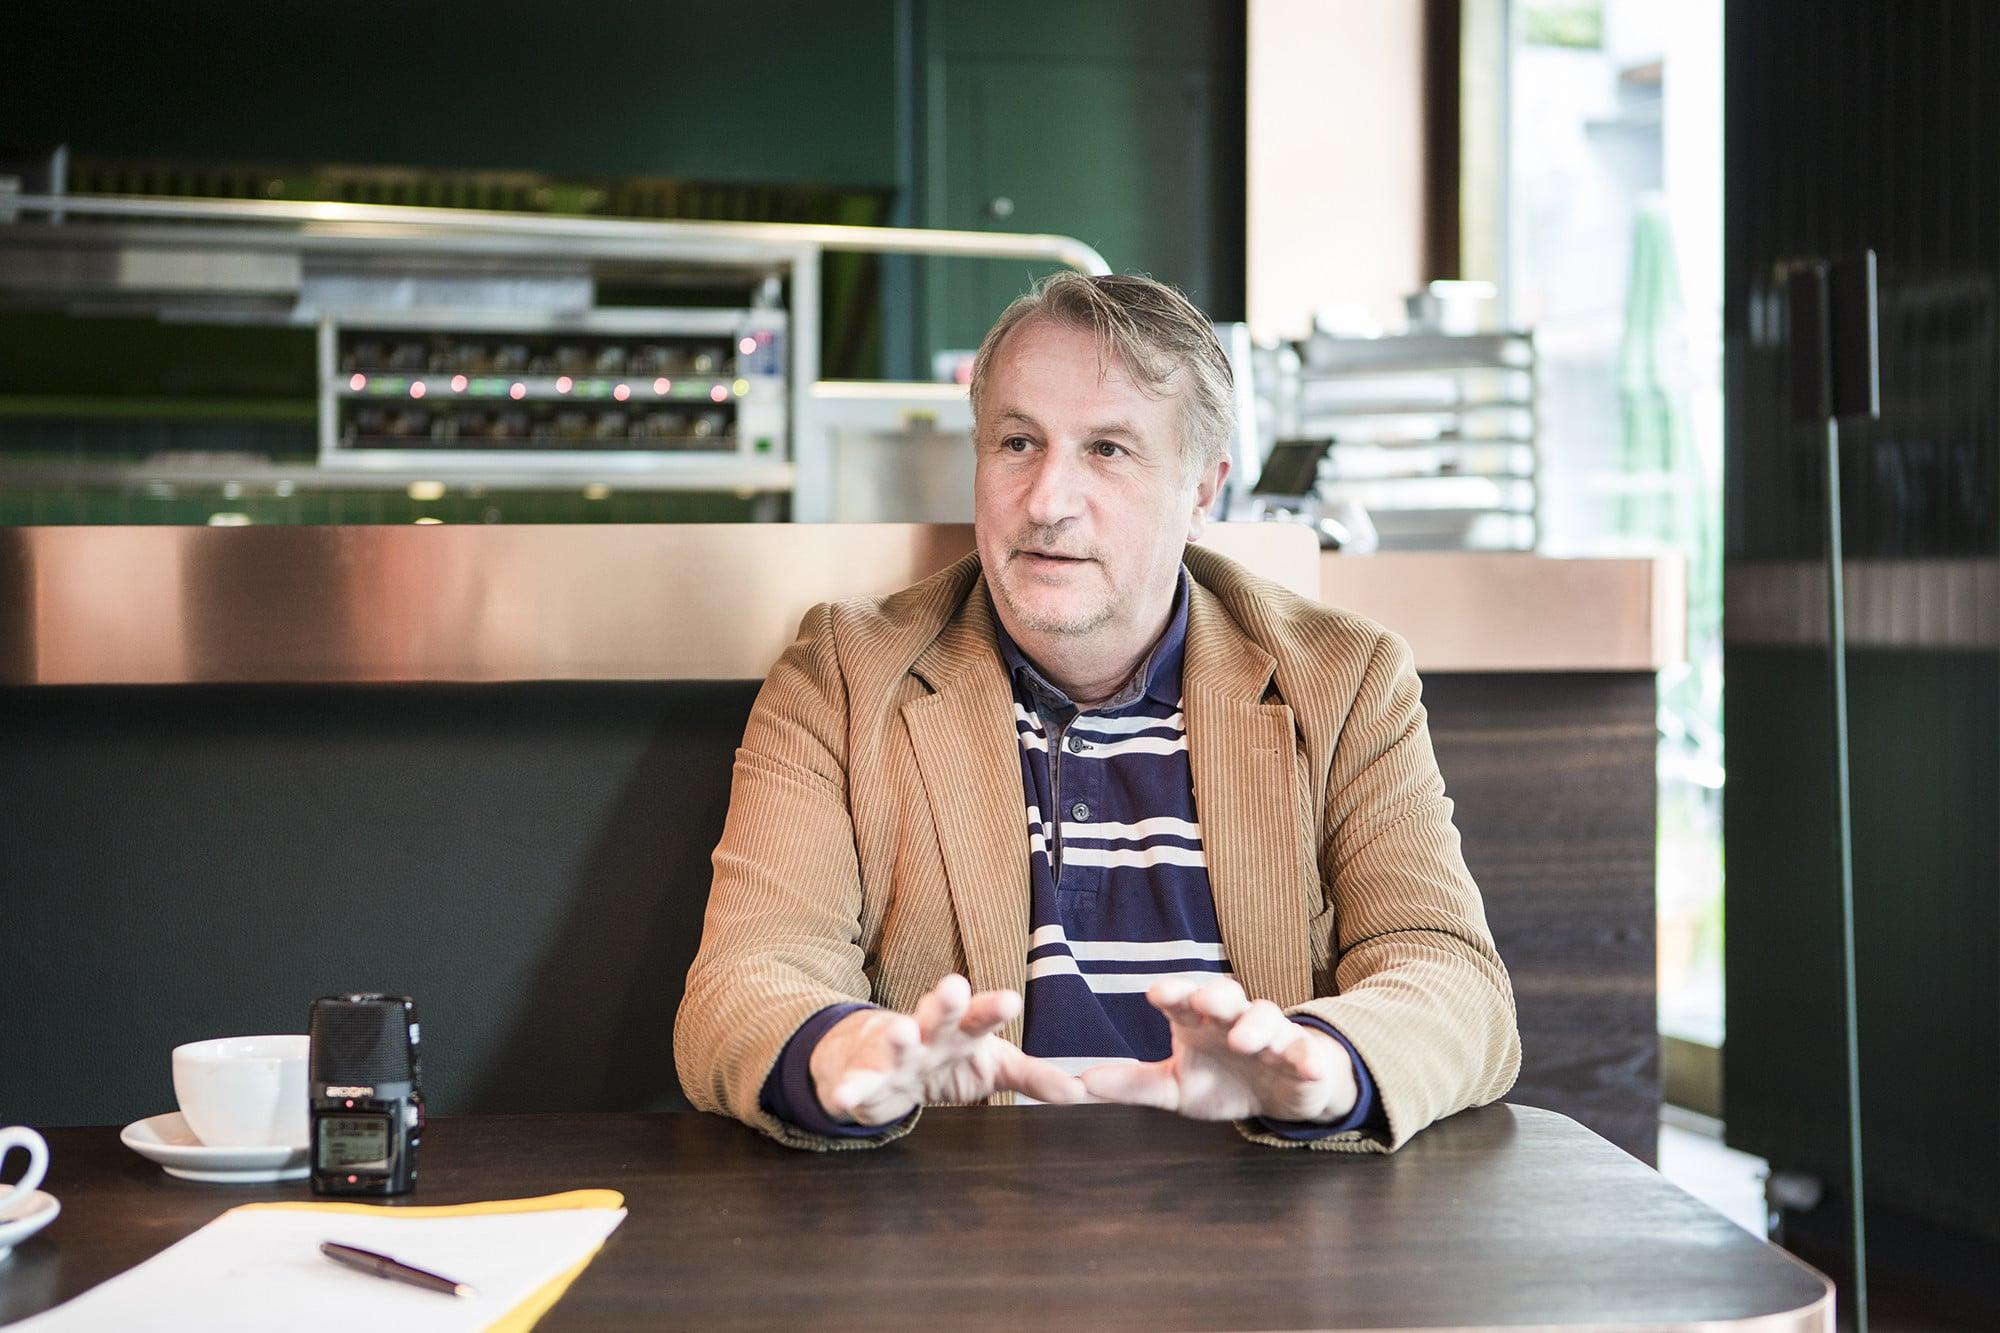 Jérôme Beurret baut sein Gastrounternehmen in Basel mit dem Klingeli aus.